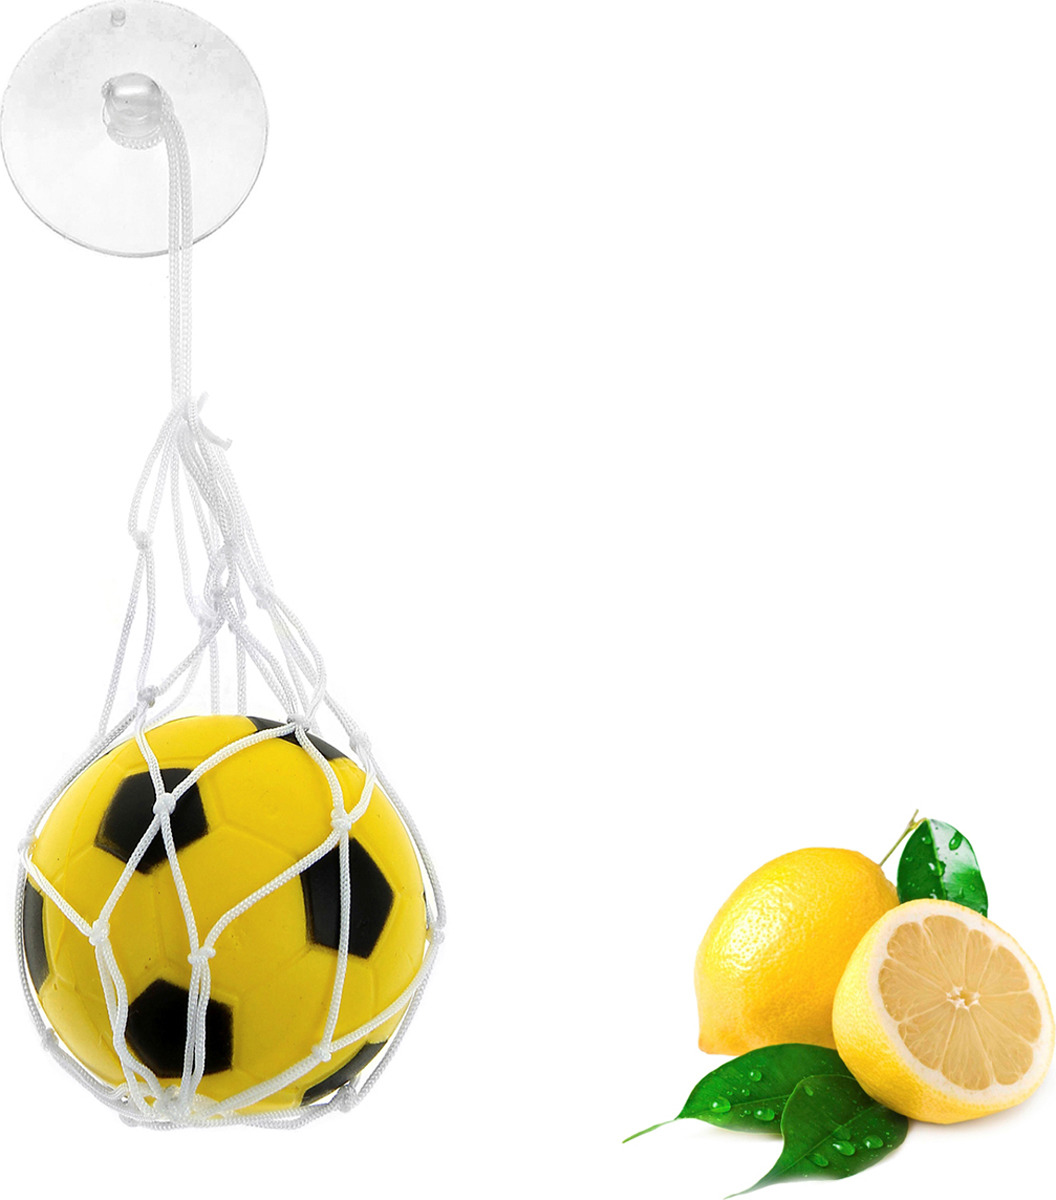 Ароматизатор автомобильный Luazon Футбольный мяч, лимон, под сиденье, 805472, желтый гирлянда luazon метраж футбольный мяч 5m ed 20 220v white 2433913